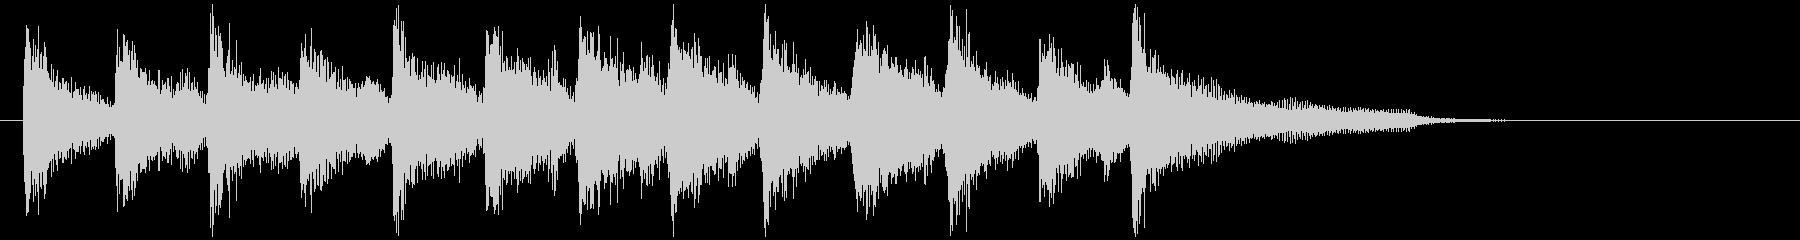 軽快な跳ねるリズムのウクレレのジングルの未再生の波形